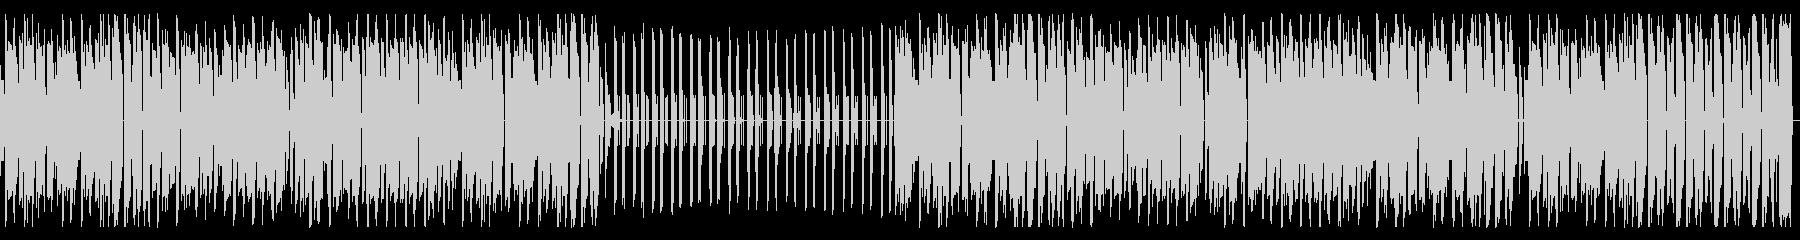 チップチューン・レトロ・スウィングジャズの未再生の波形